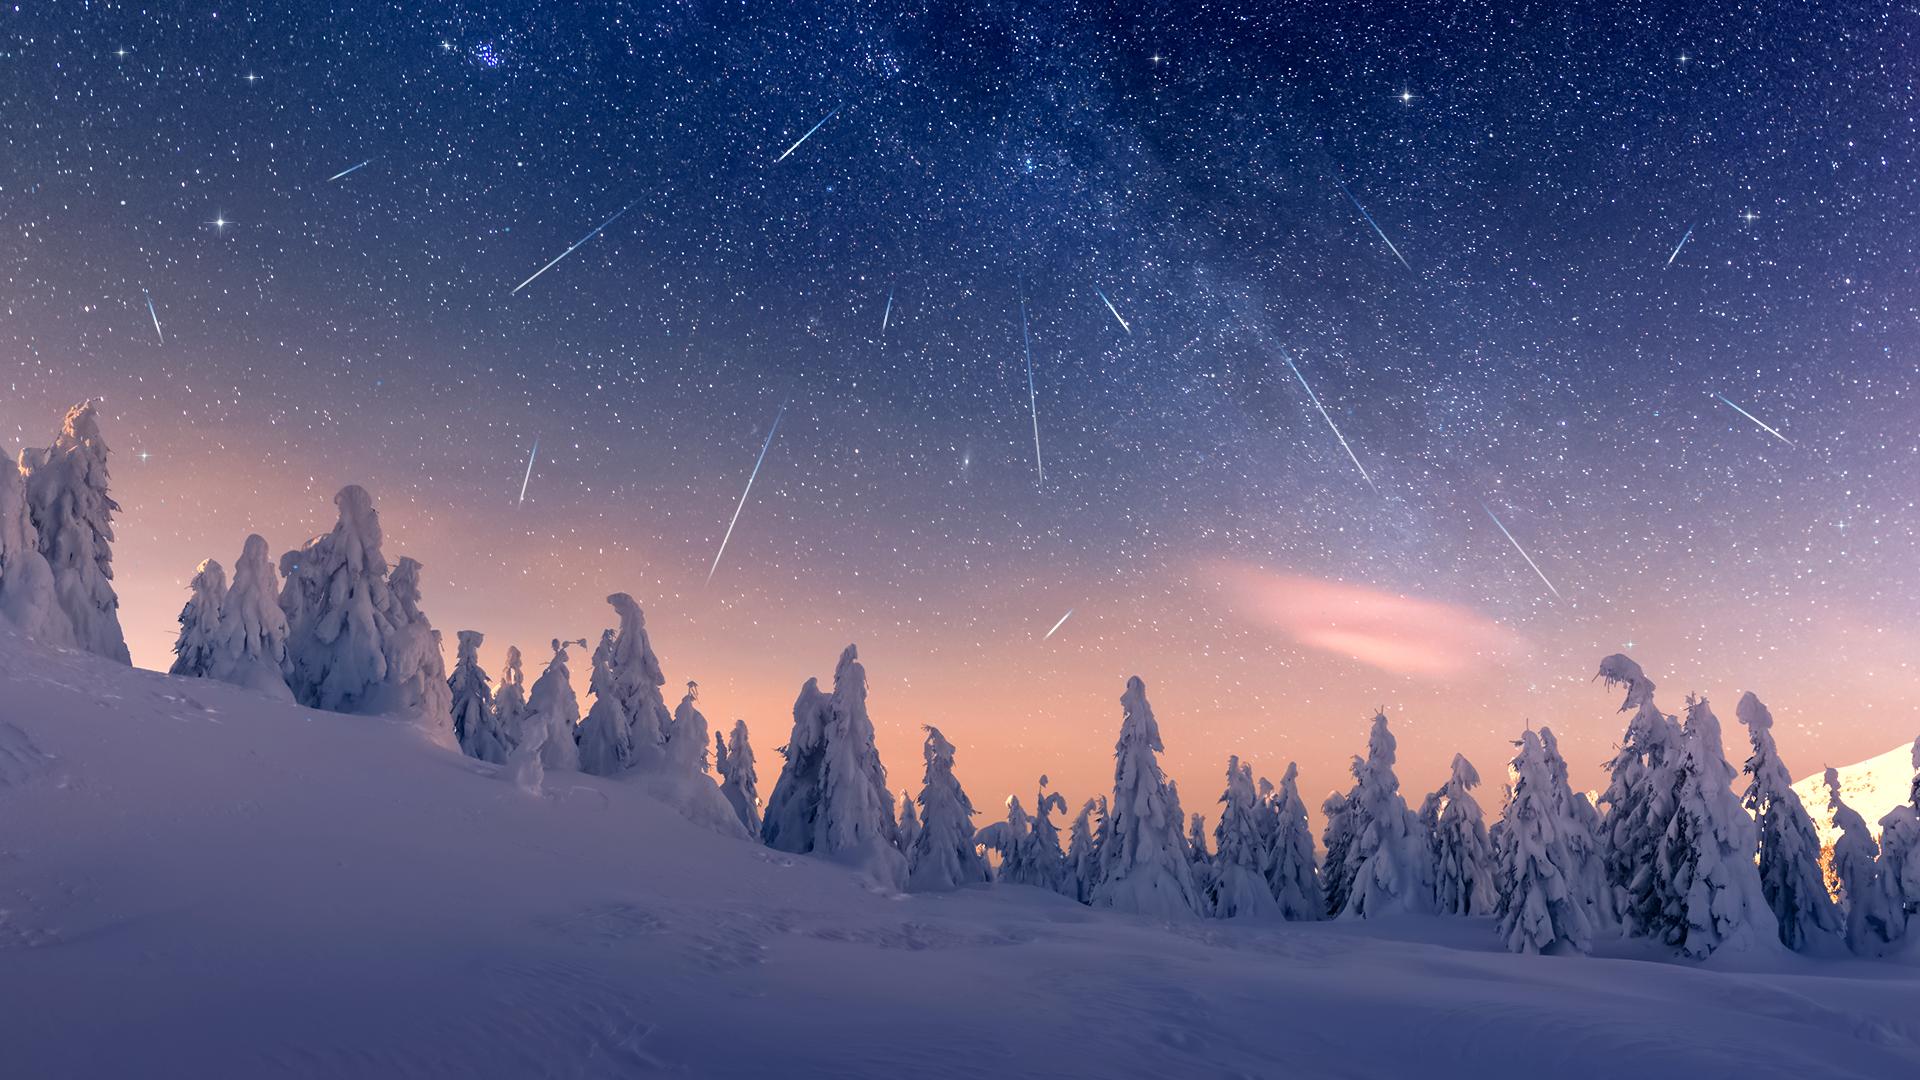 12月11日长蛇座西格玛流星雨极大期,只是了解,不推荐观赏!